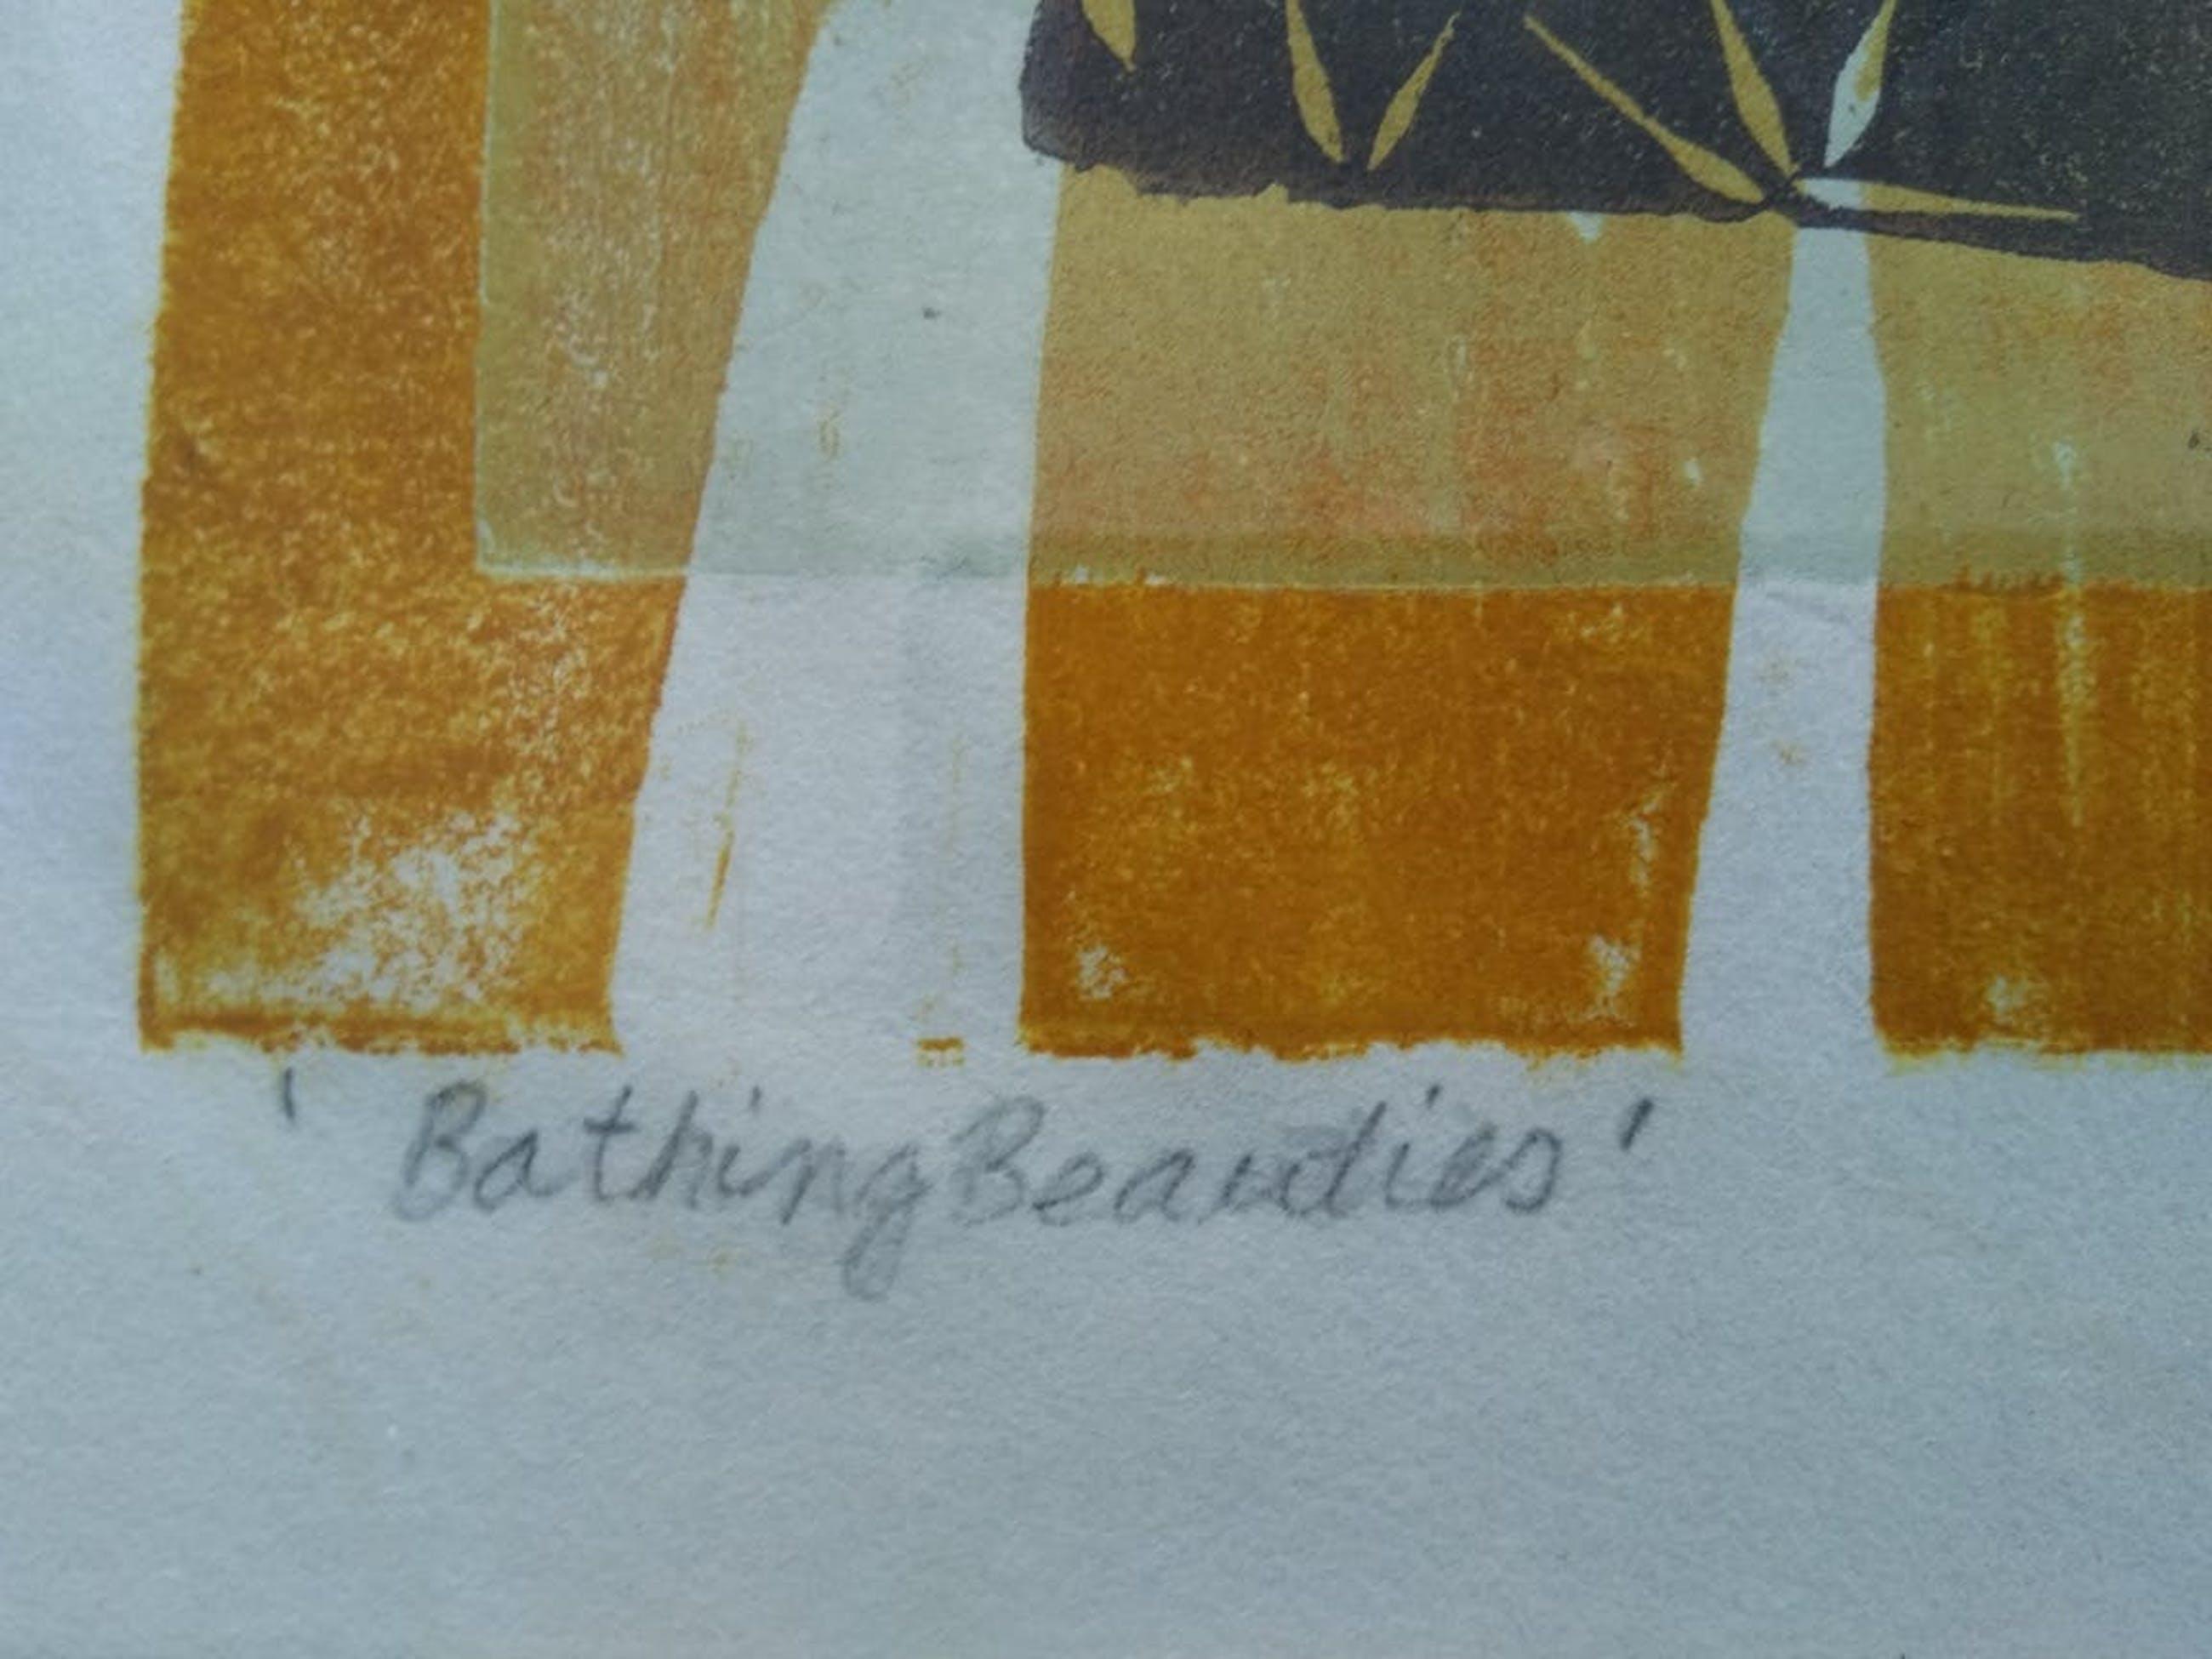 Frank Rosen - Bathing Beauties kopen? Bied vanaf 25!